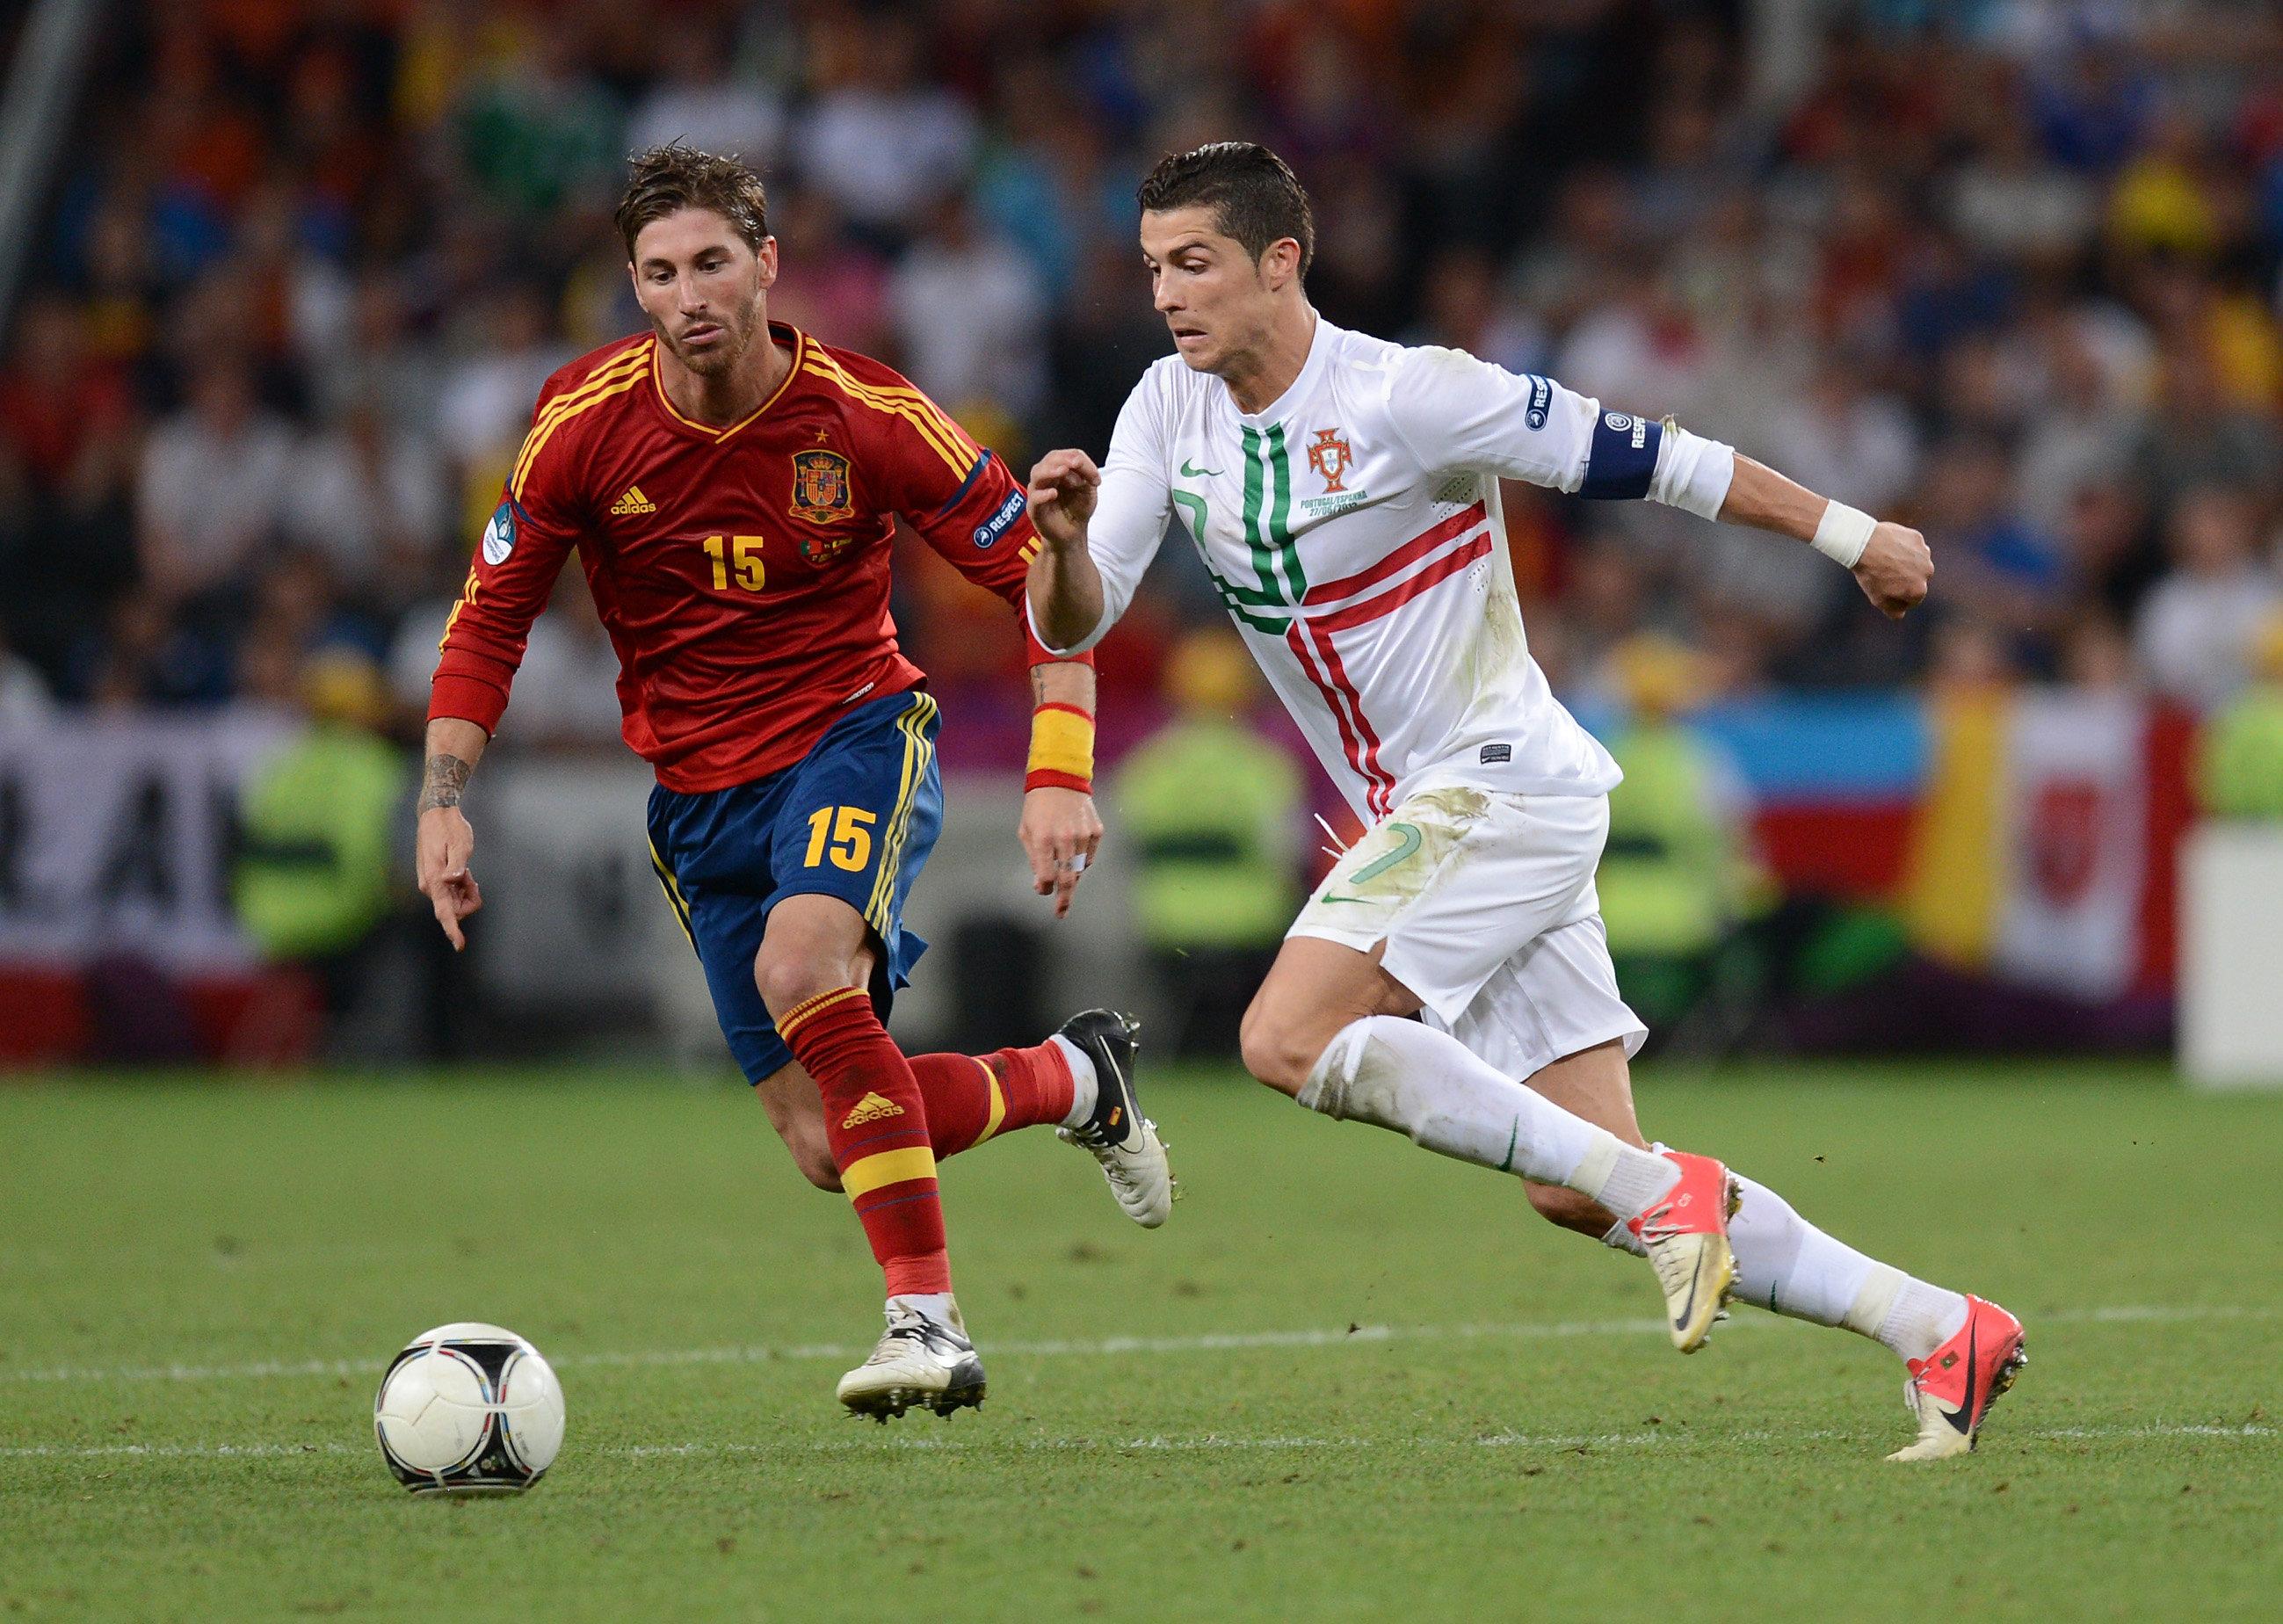 Spanien – Portugal im Live-Stream: WM in Russland online